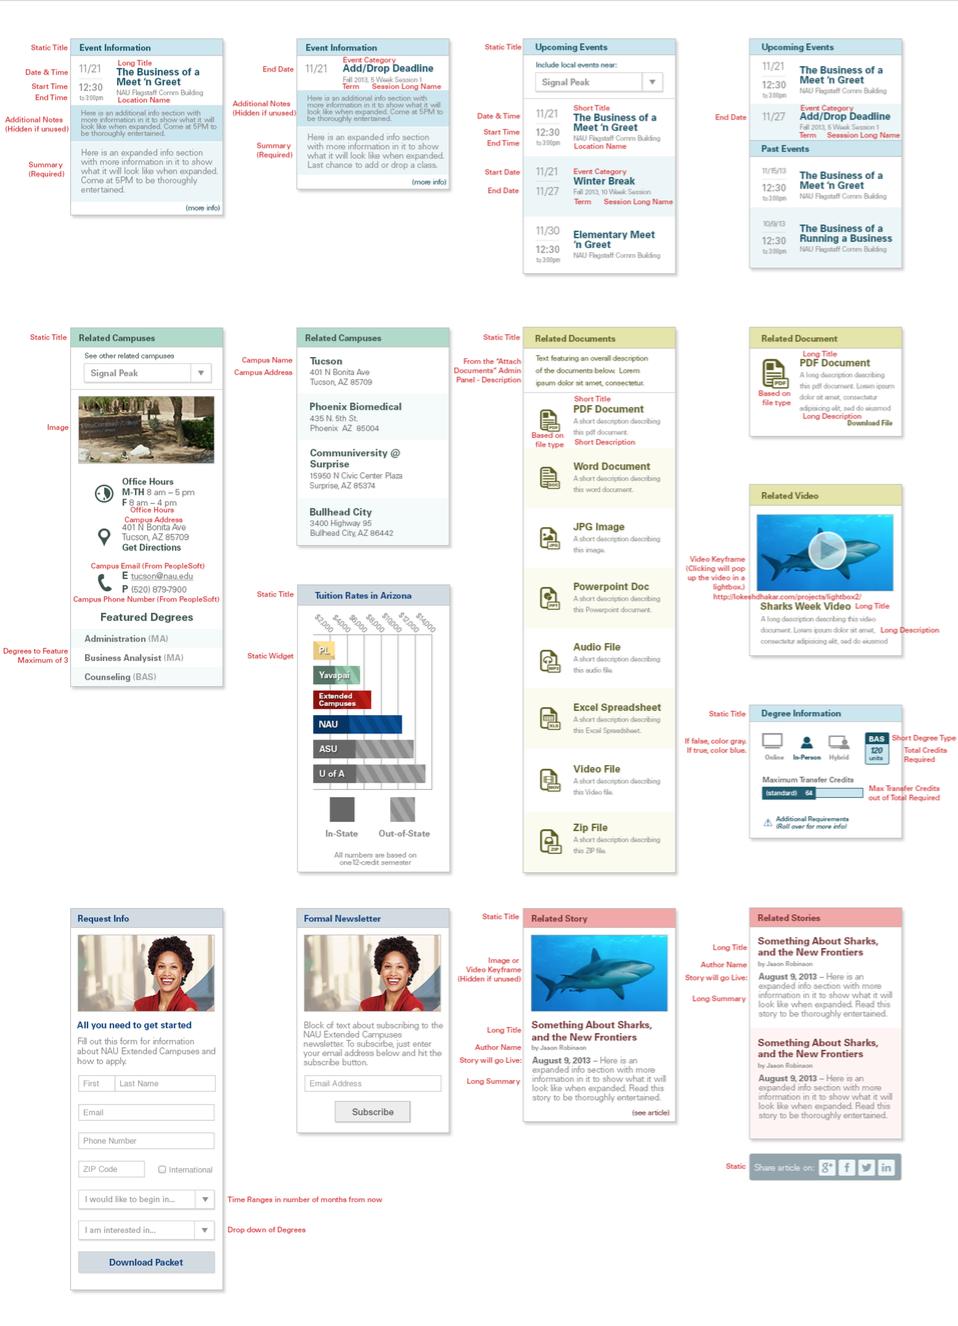 Widget Overview